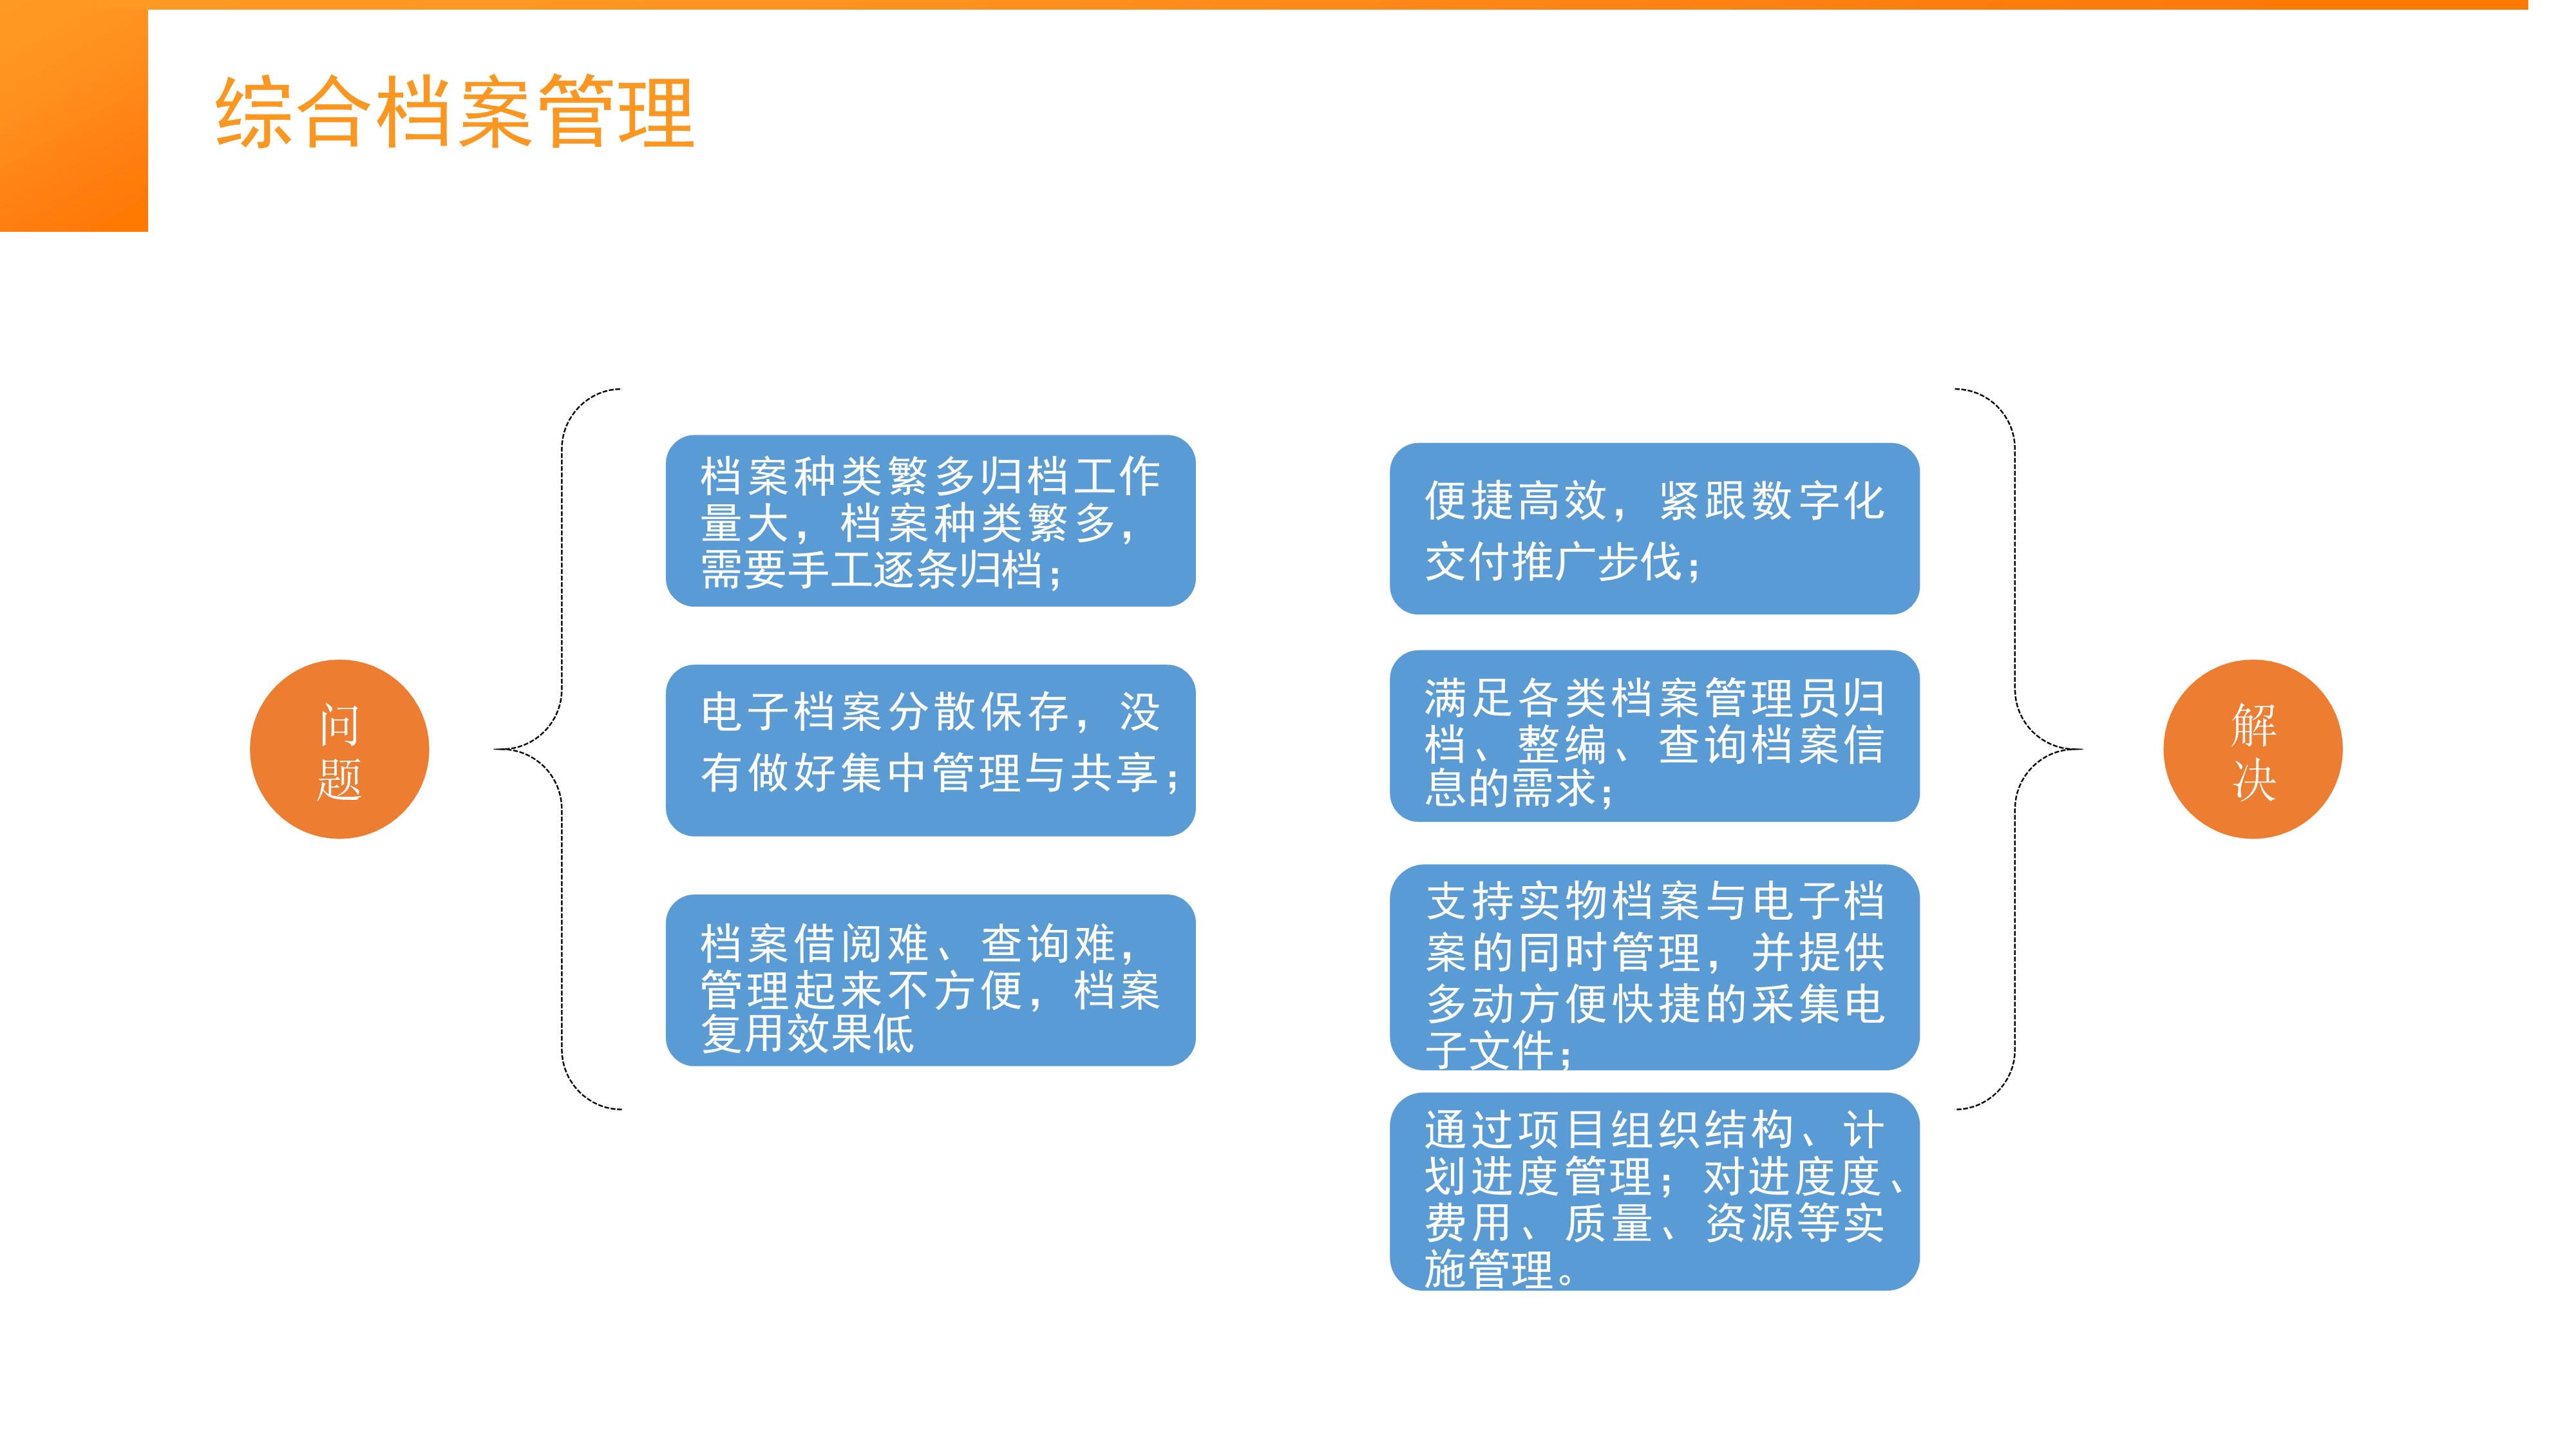 013011343503_0信天使综合信息管理系统旗舰版_9.jpg